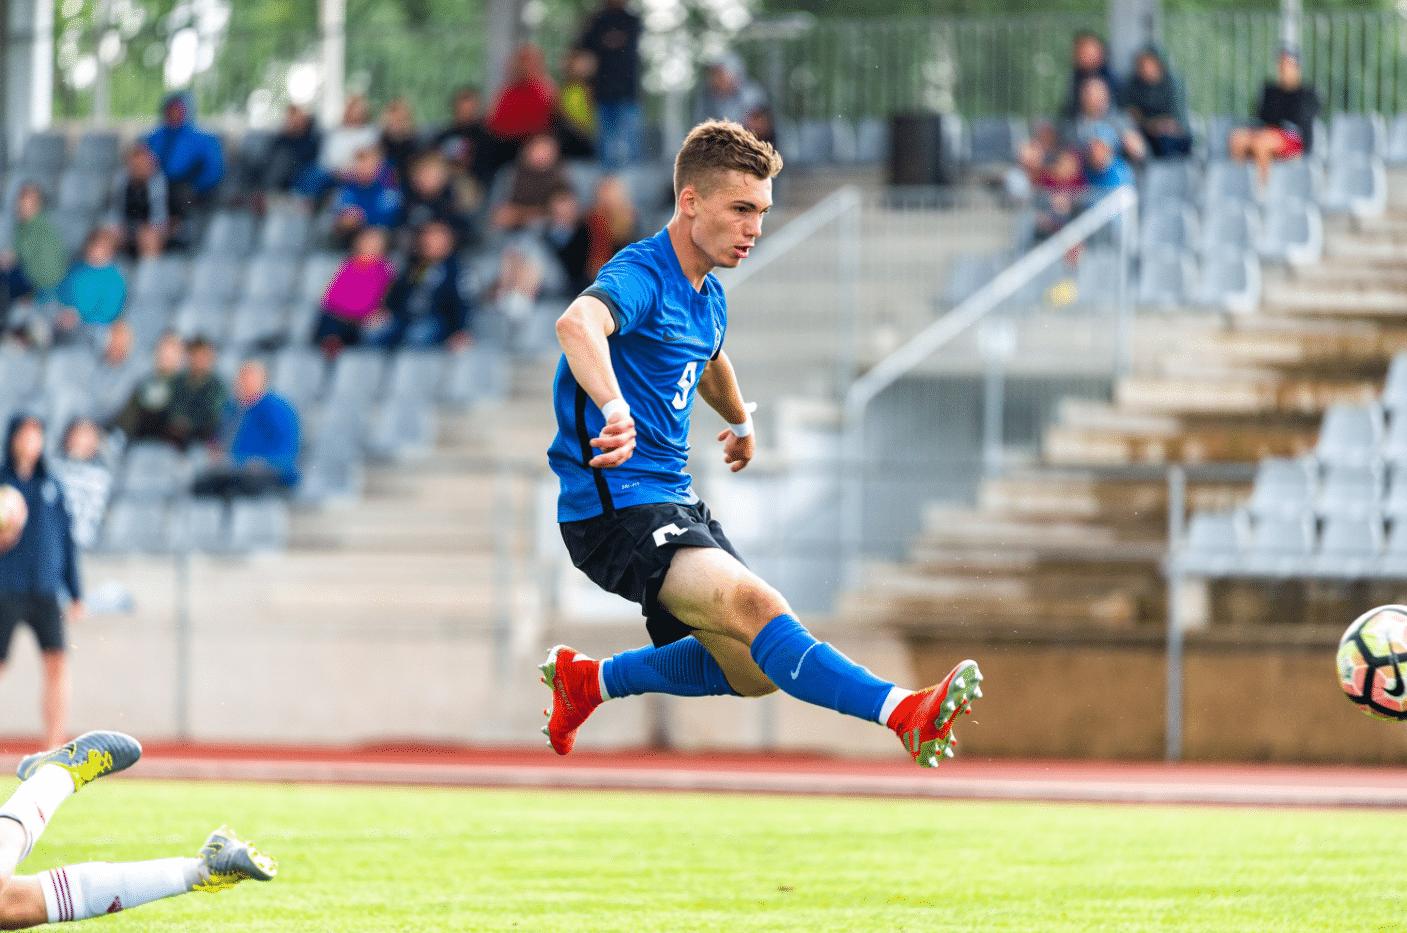 วิเคราะห์ฟุตบอล ฟุตบอล ยูฟ่า ยูโร 2020 รอบคัดเลือก   เอสโตเนีย vs ฮอลแลนด์ 09/09/19